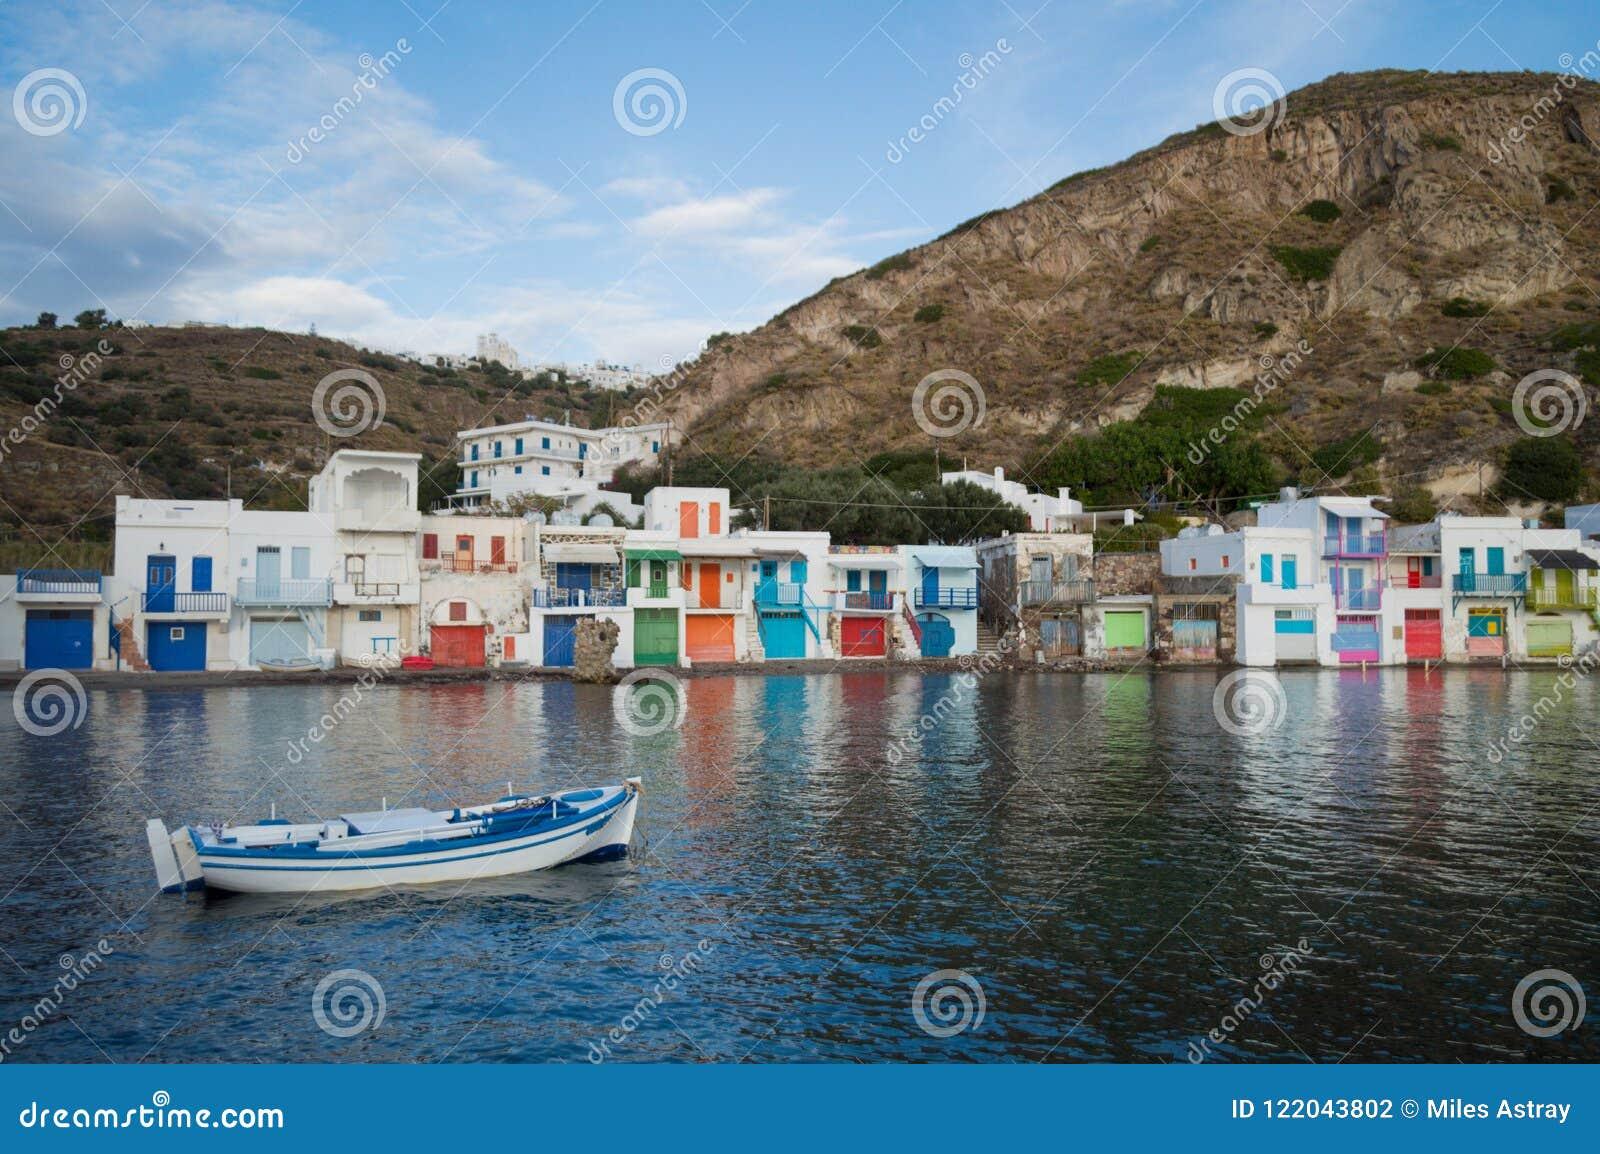 Παραδοσιακά ζωηρόχρωμα ελληνικά σπίτια ψαροχώρι σε Klima, Milo